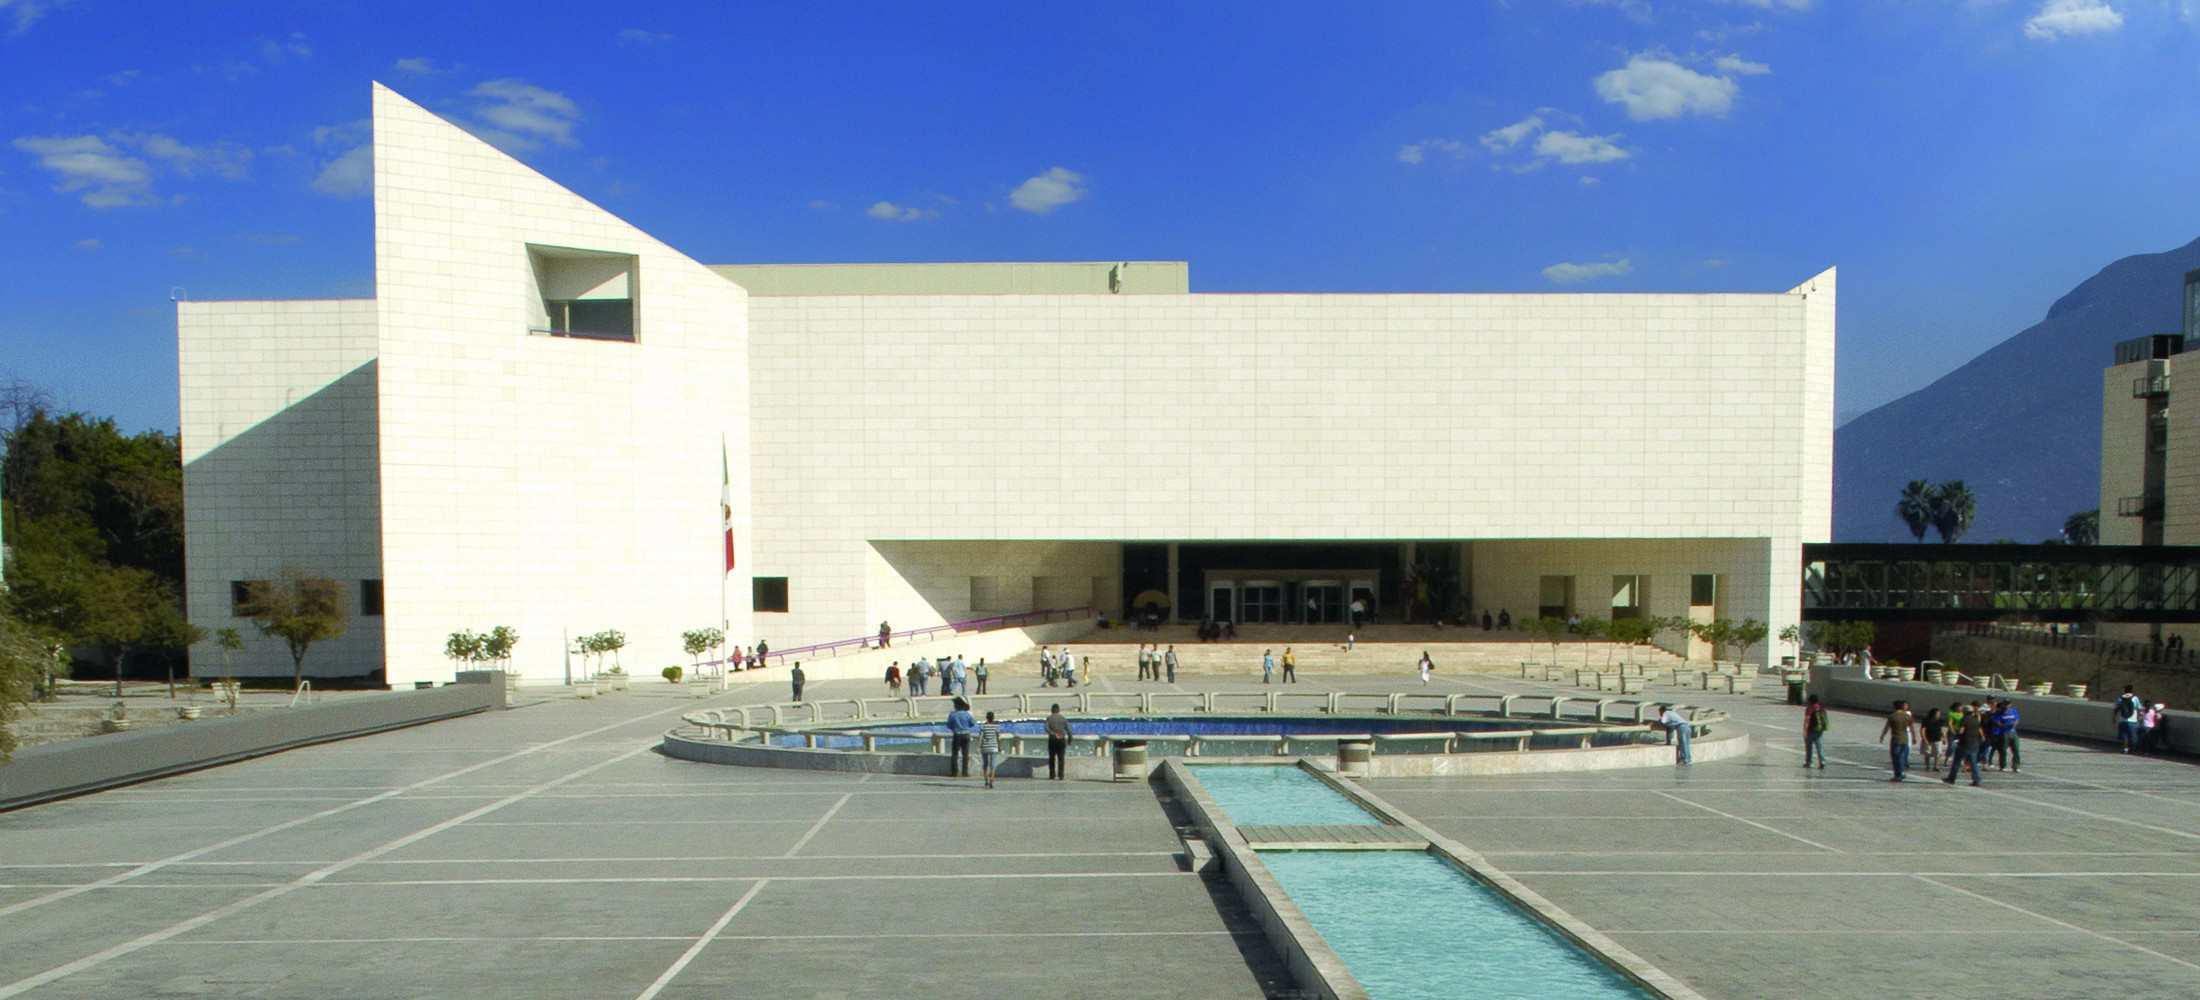 Museo de Historia de Monterrey, Mexico